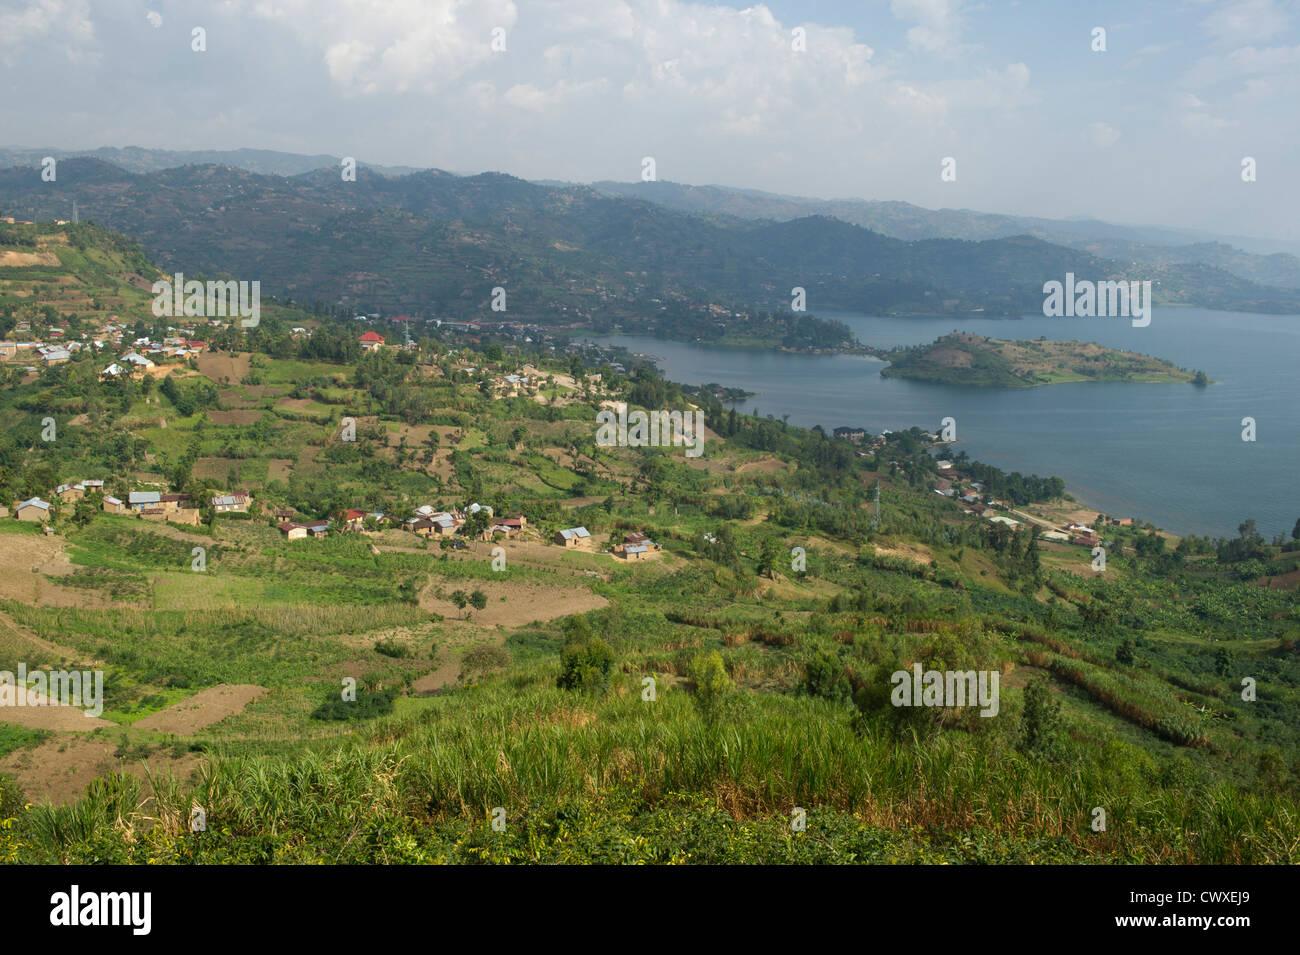 Lake Kivu, Rubavu, Rwanda - Stock Image